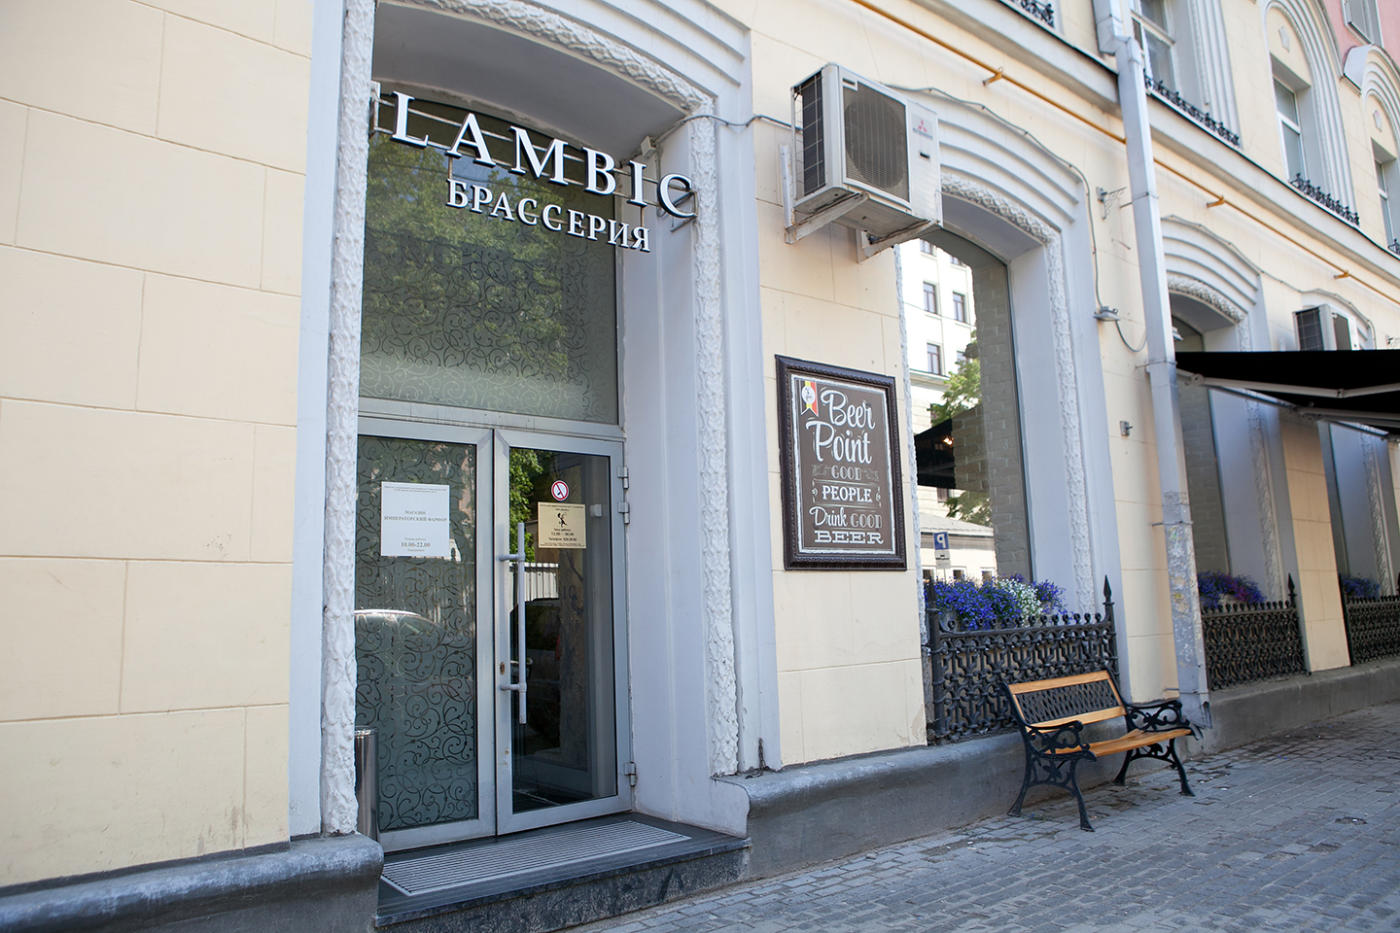 ����������� ������ �������� ������ �� ������ ������ (��������� Lambic) ���� 8